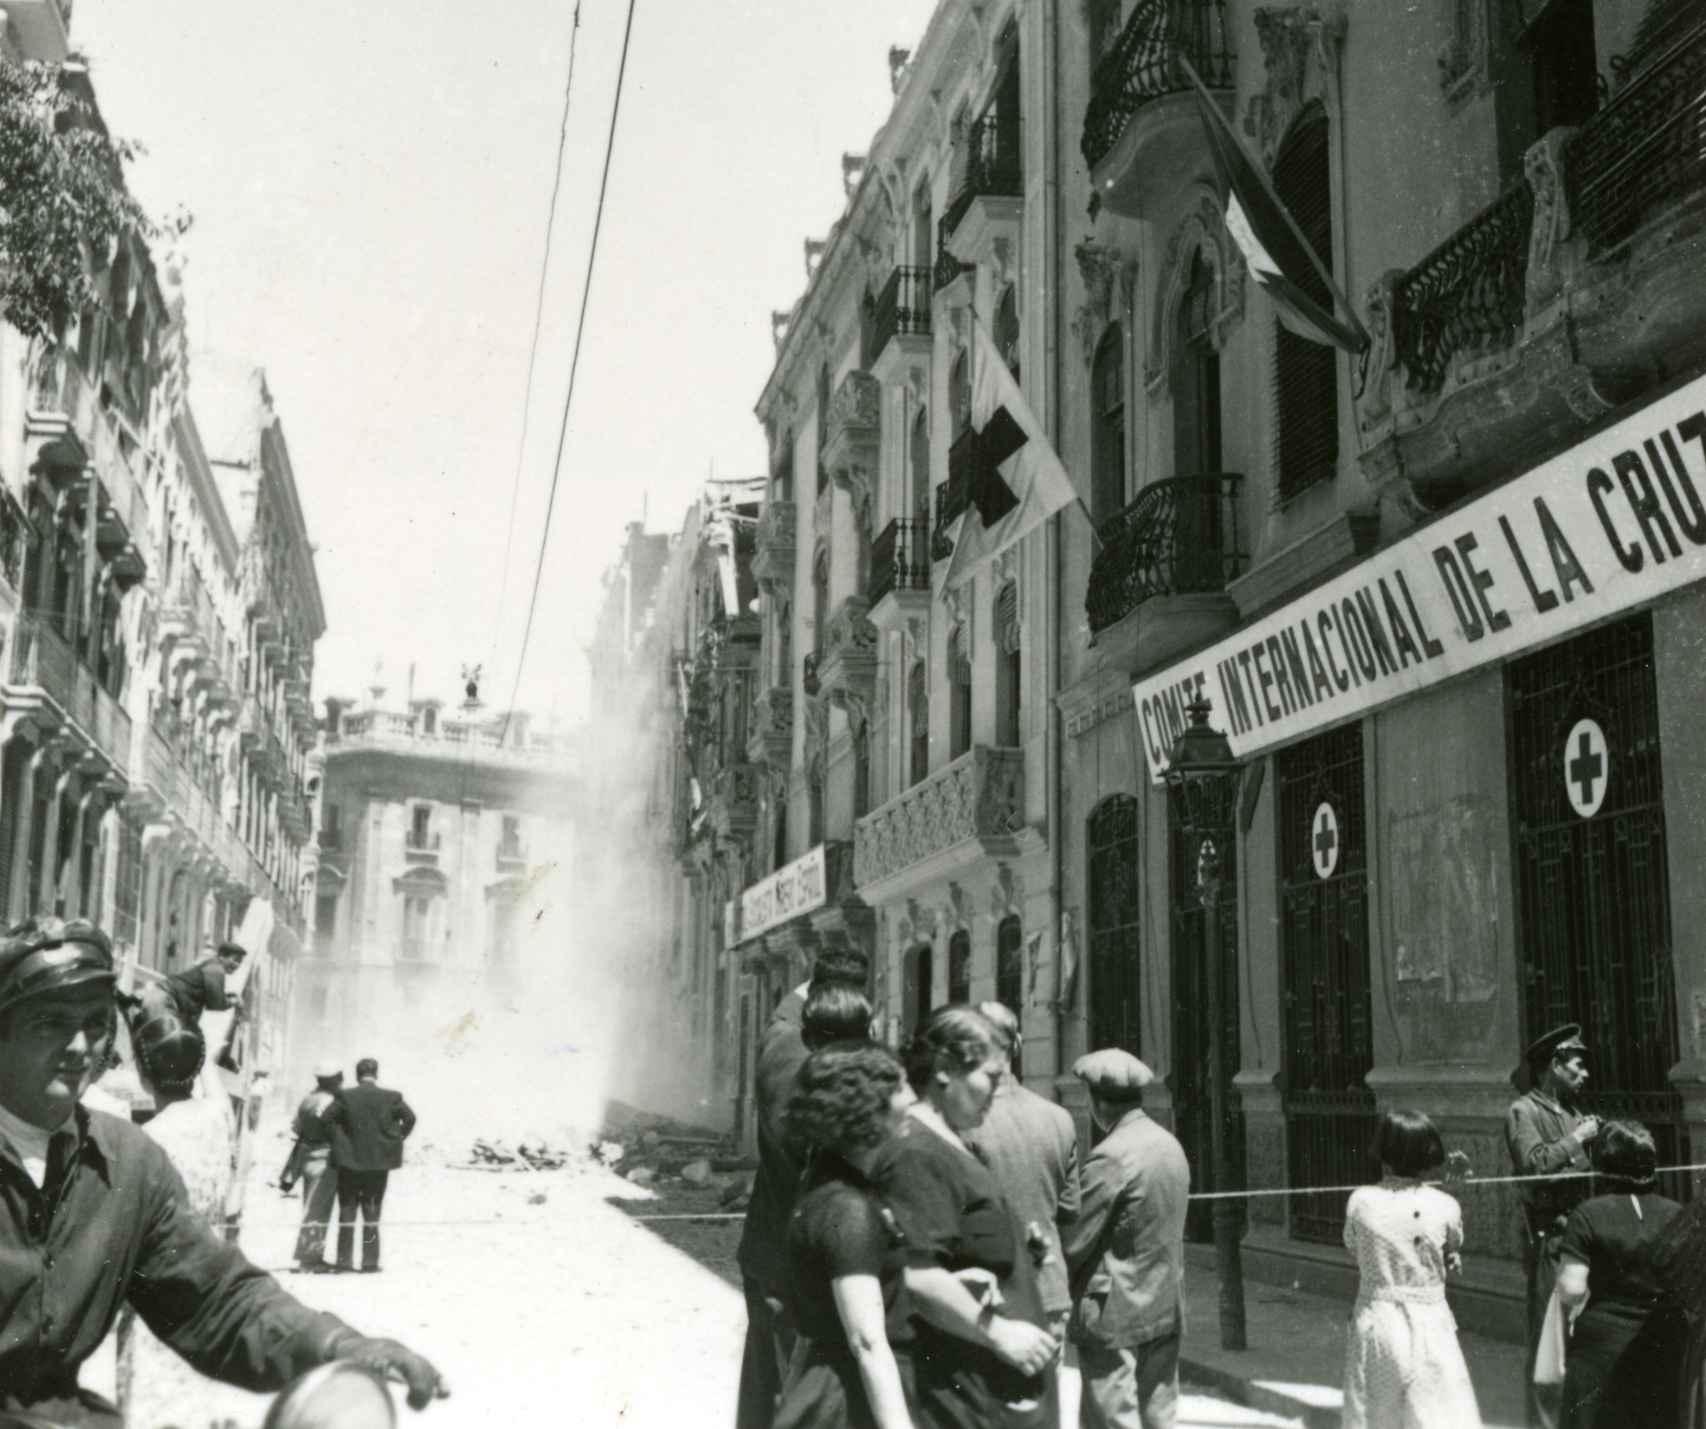 La delegación del Comité Internacional de la Cruz Roja en Valencia, poco después de un bombardeo aéreo.